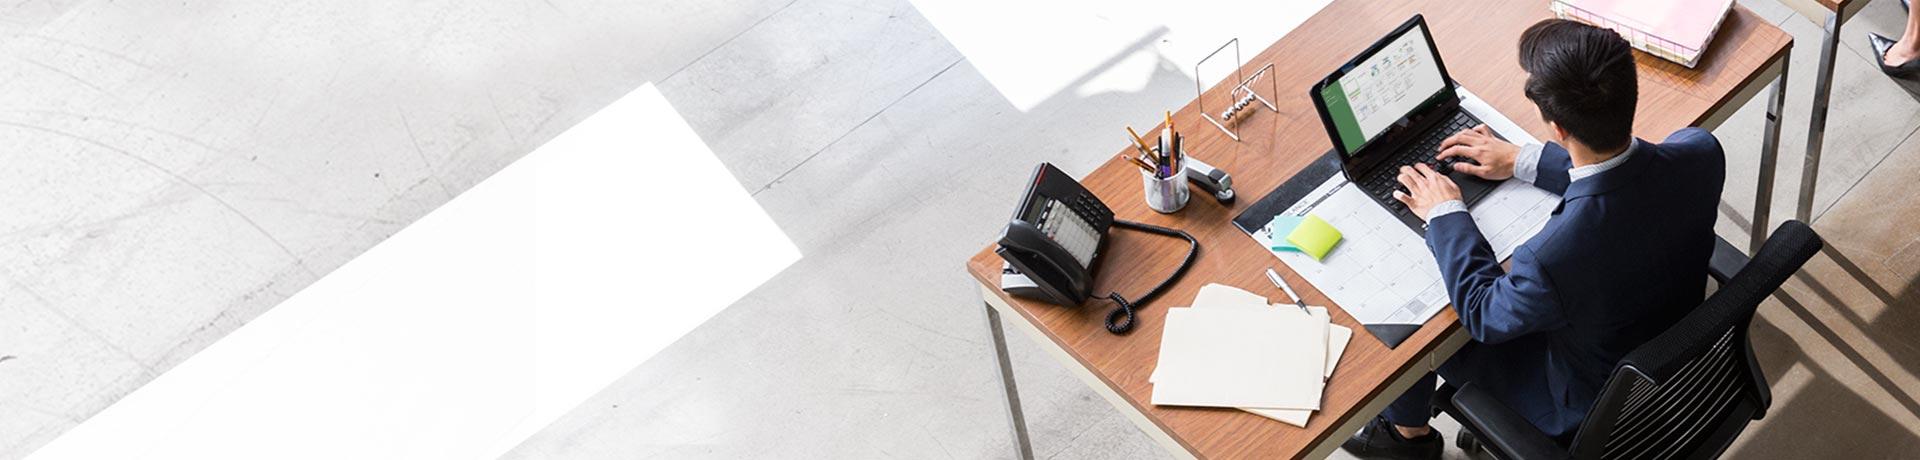 Um homem sentado a uma secretária num escritório a trabalhar num ficheiro do Microsoft Project num portátil.